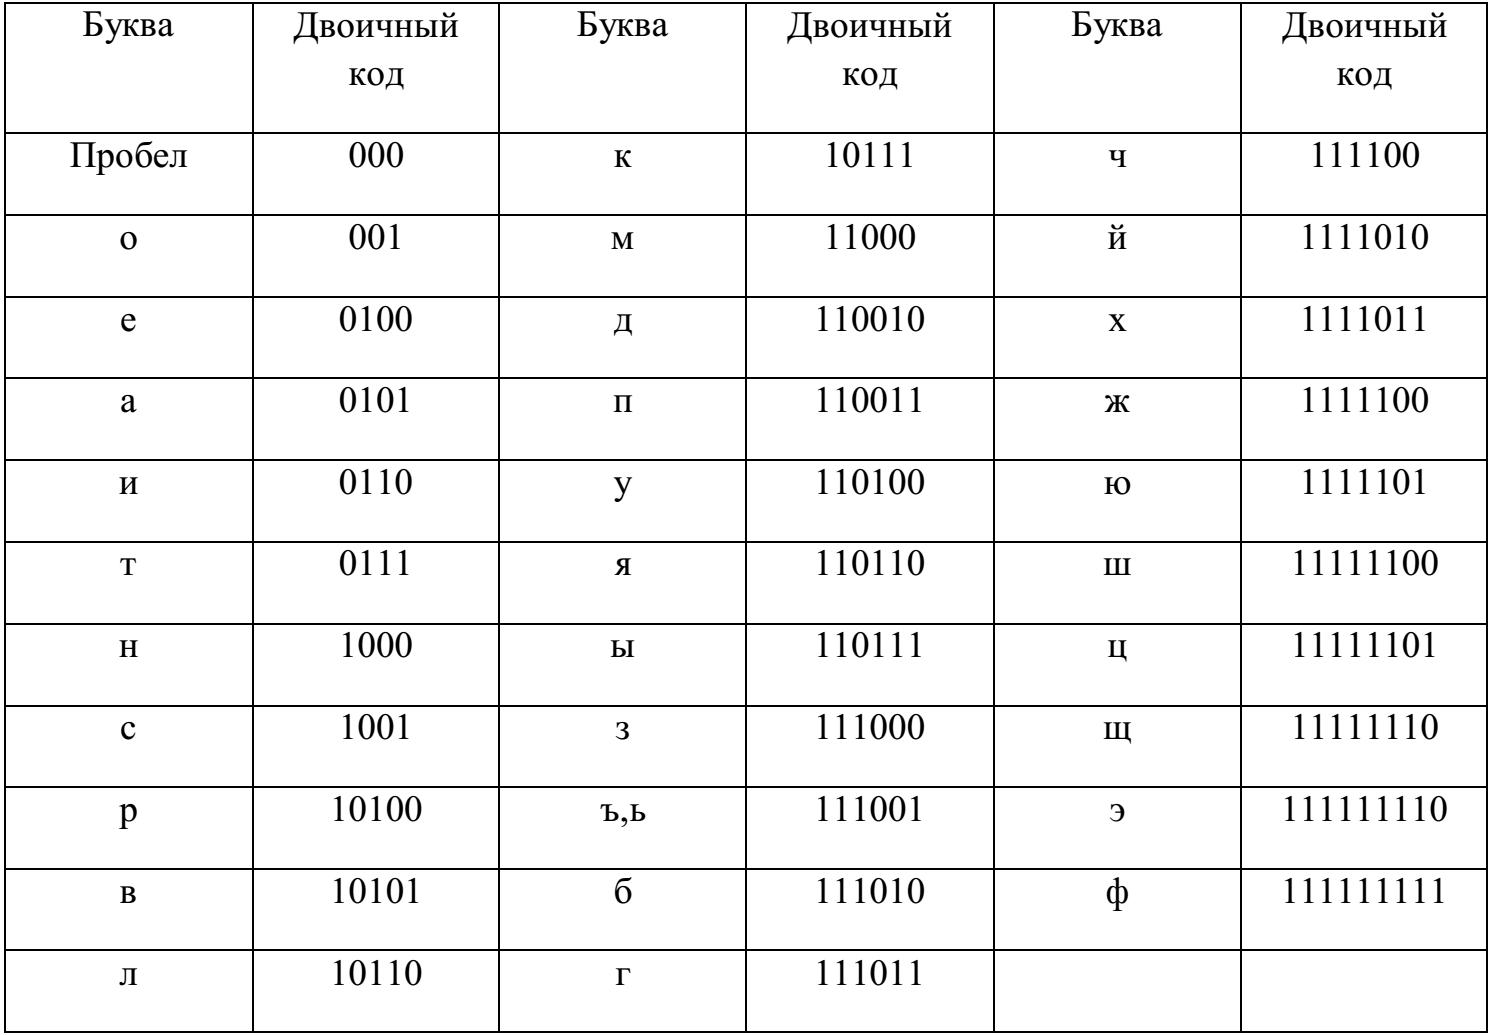 Двоичный код • ru.knowledgr.com